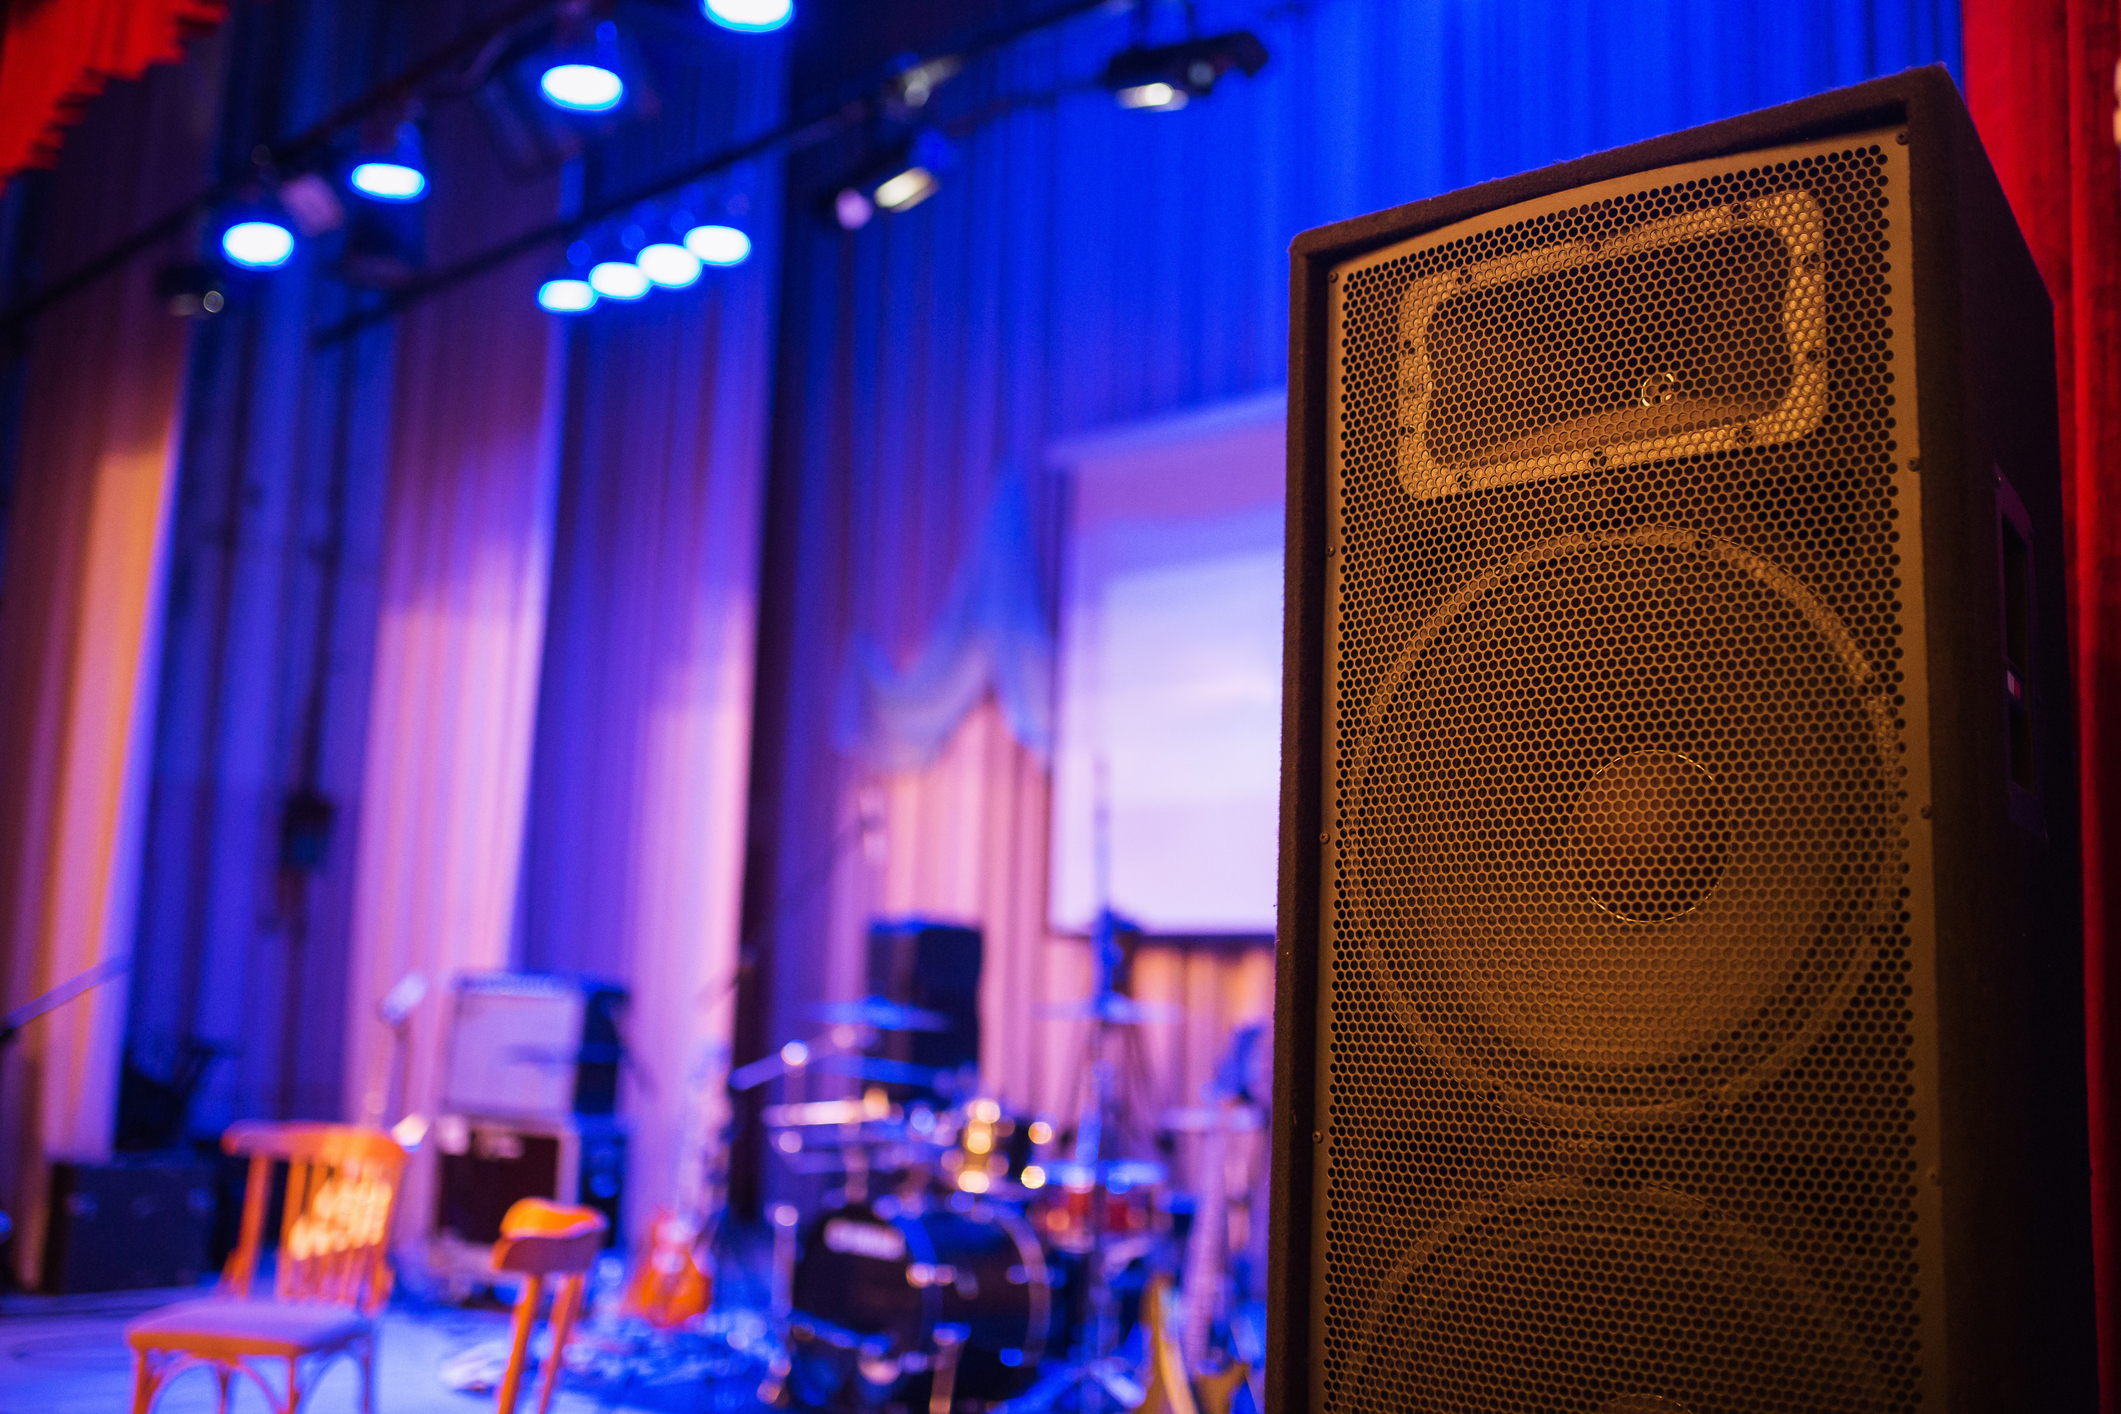 audio-speaker